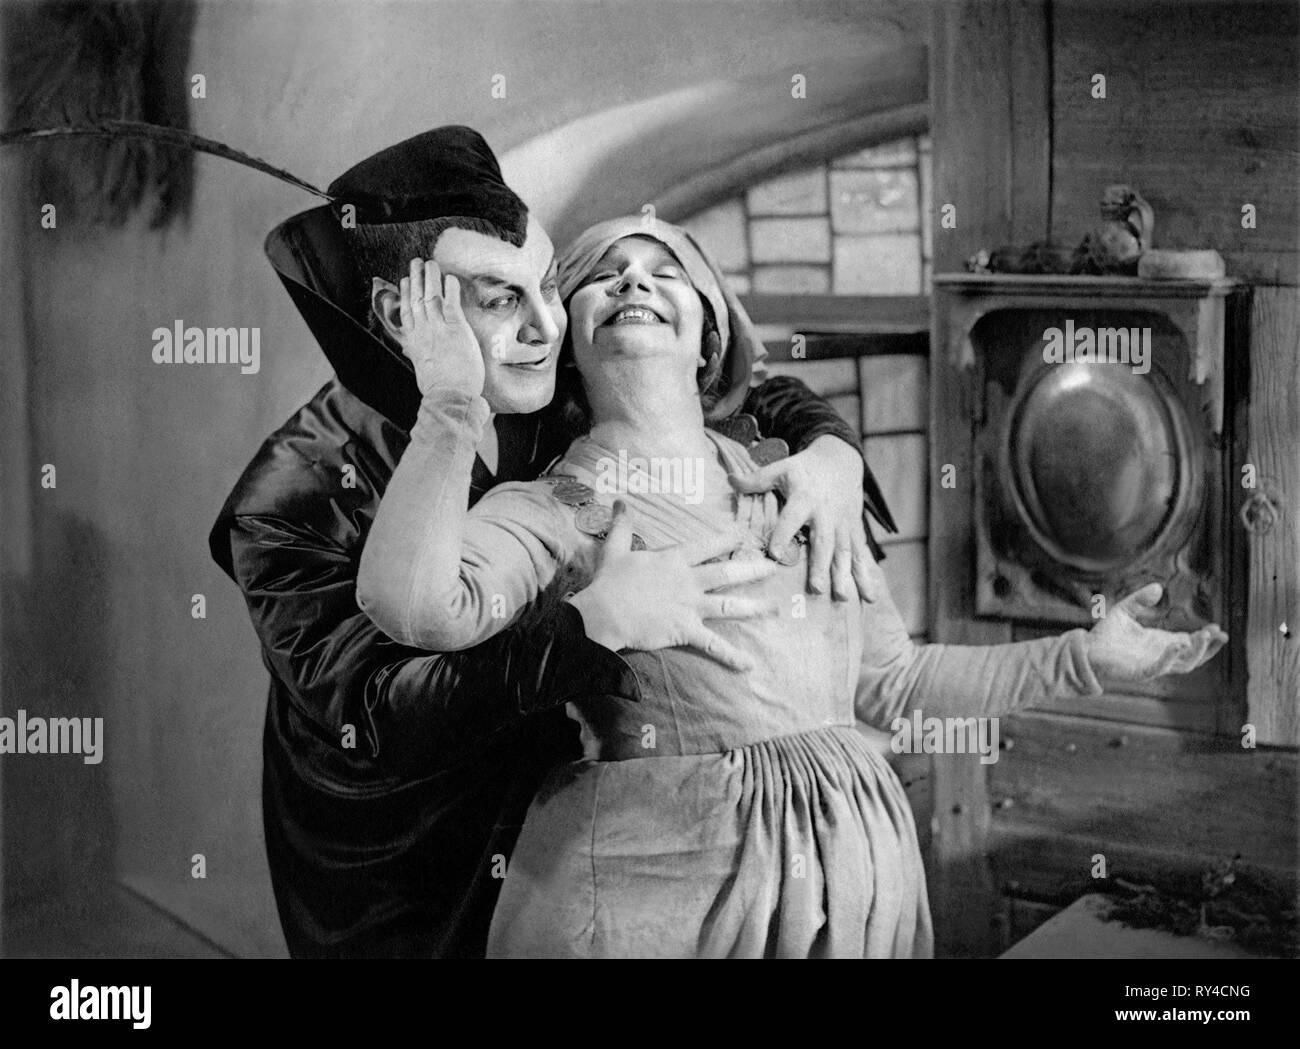 JANNINGS,GUILBERT, FAUST: A GERMAN FOLK LEGEND, 1926 - Stock Image